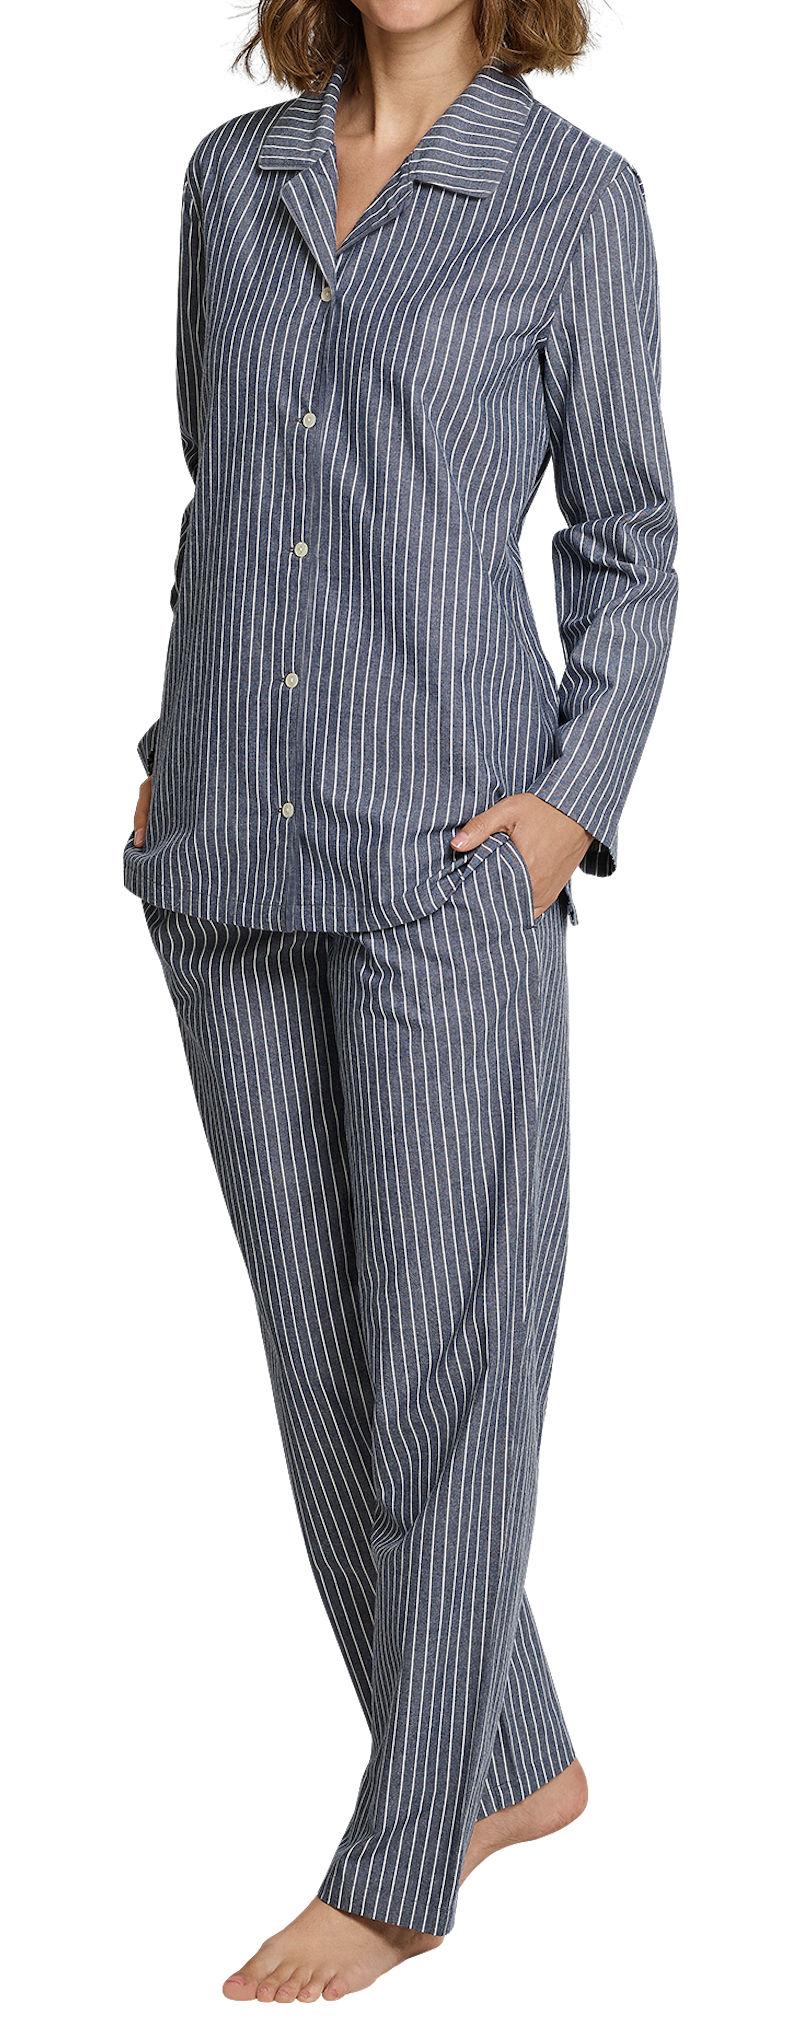 new style 509e6 70663 Seidensticker Schlafanzug Damen lang Flanell 163560-804